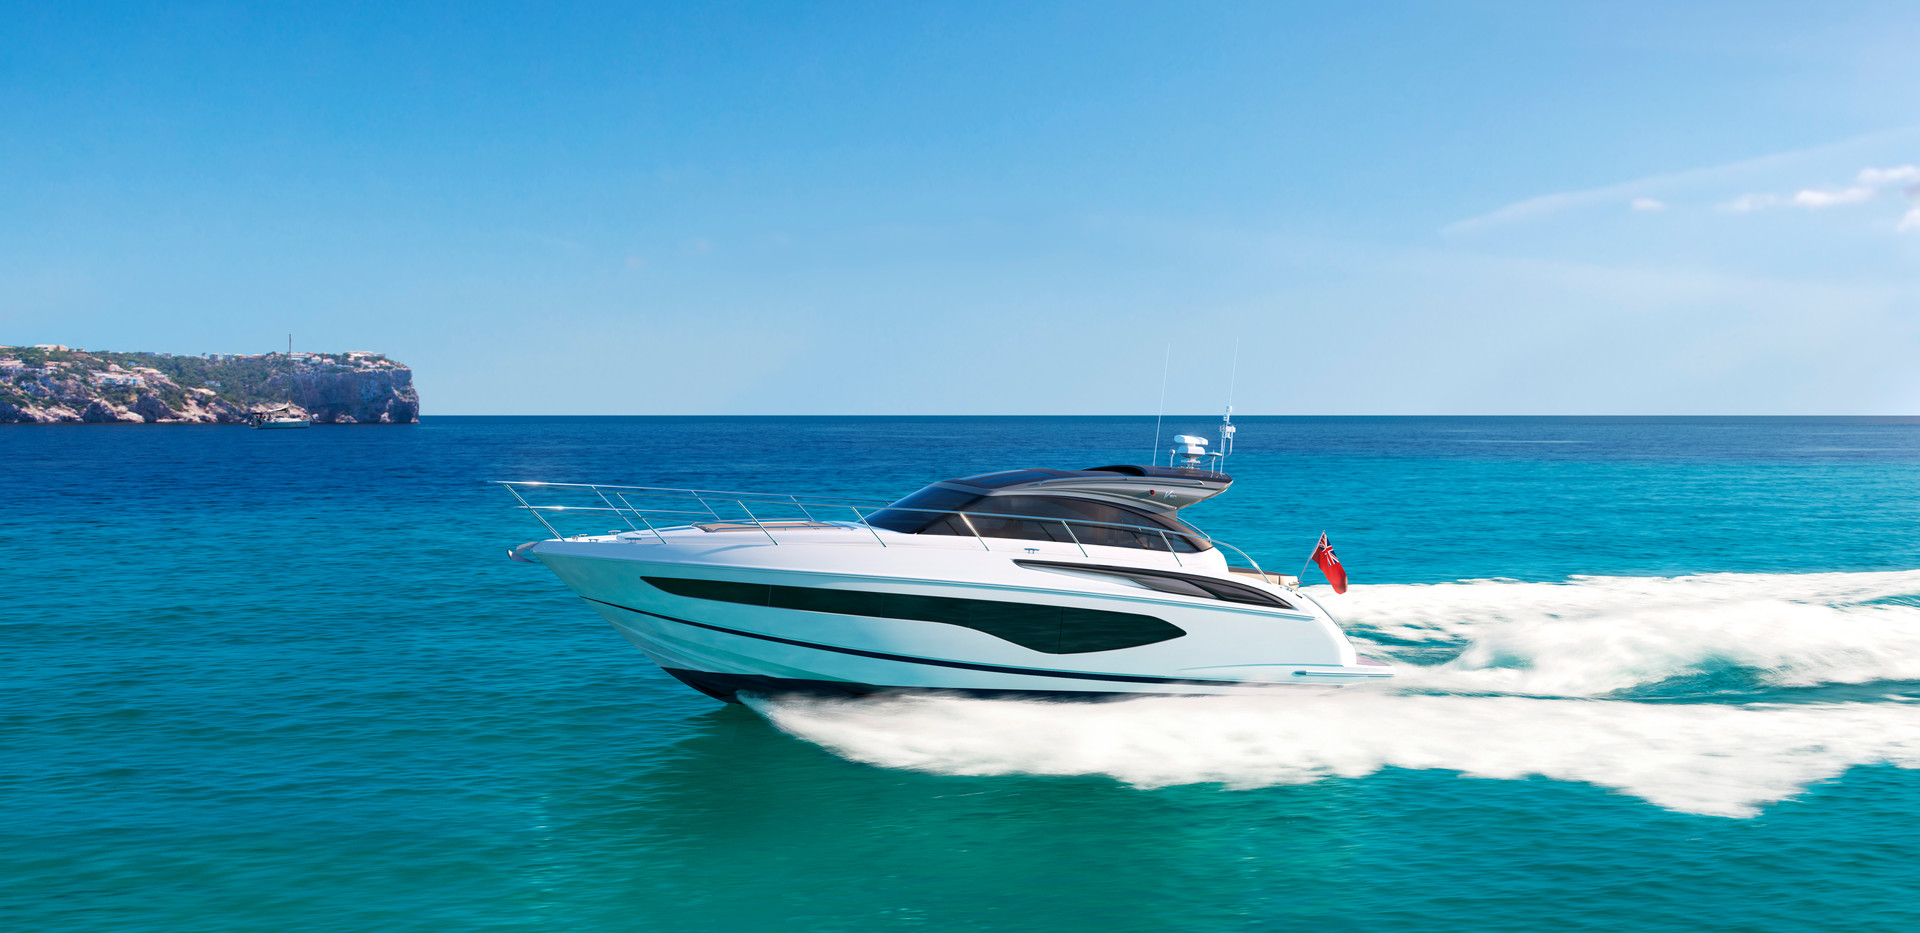 v50-exterior-white-hull-allure.jpg